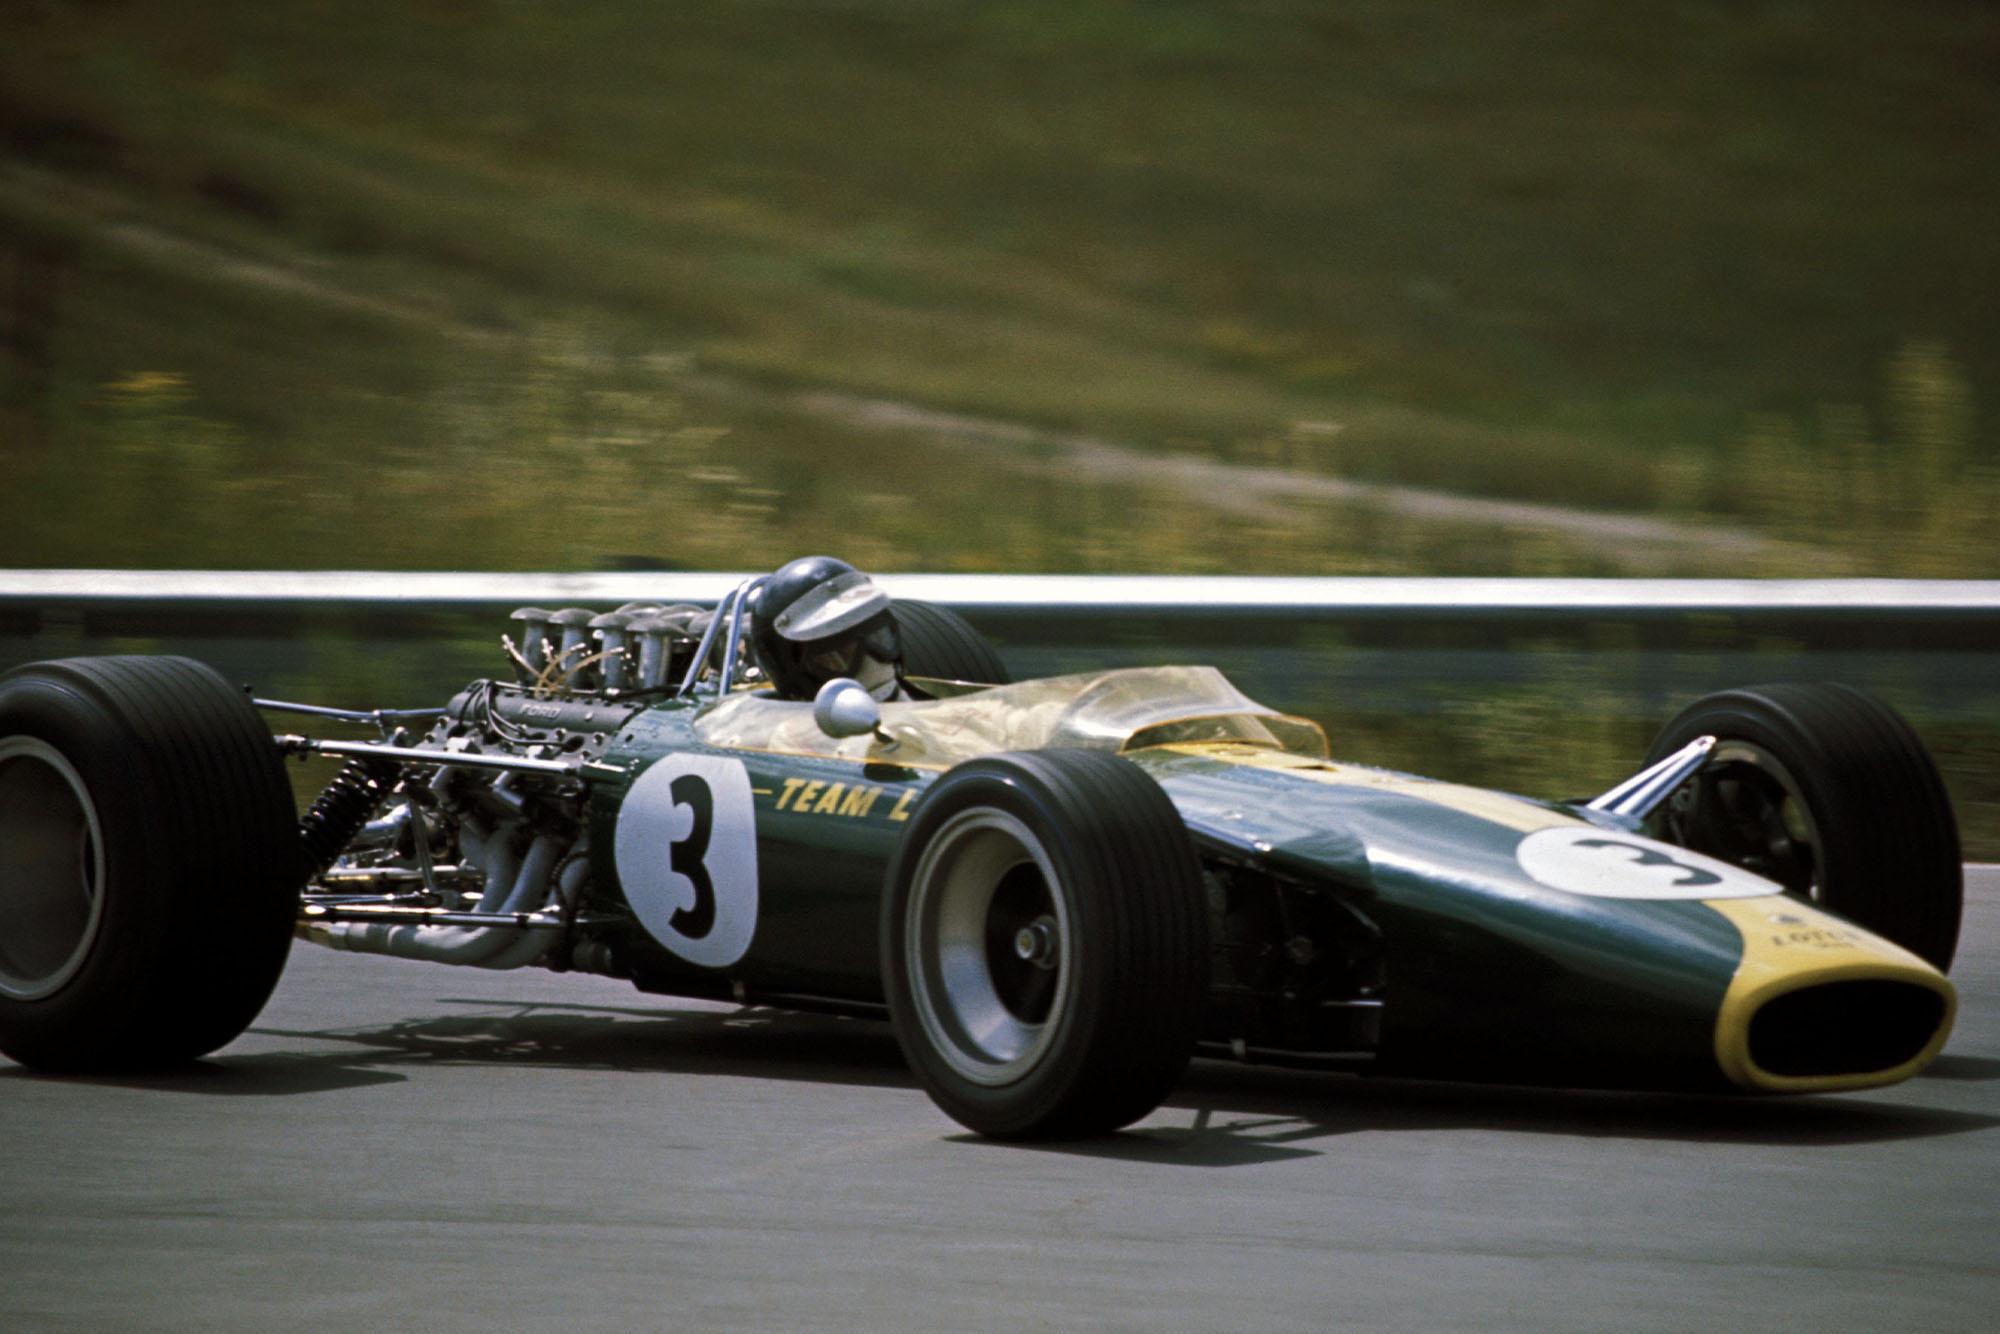 Jim Clark (GBR) Lotus Ford 49.